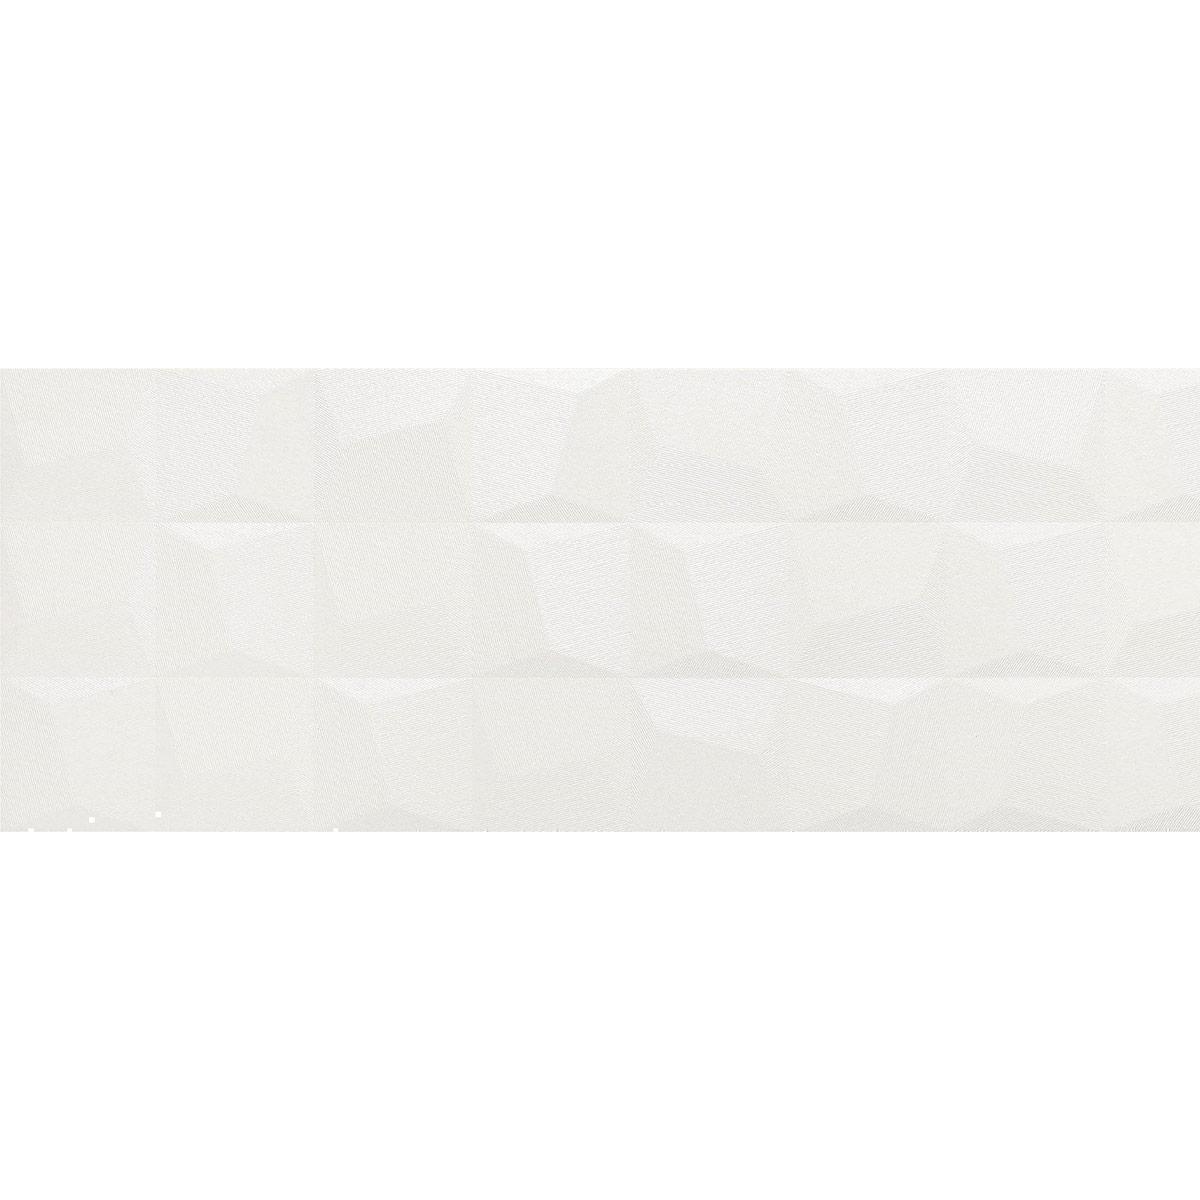 W00079 12x36. LUXE WHITE P1 1 1